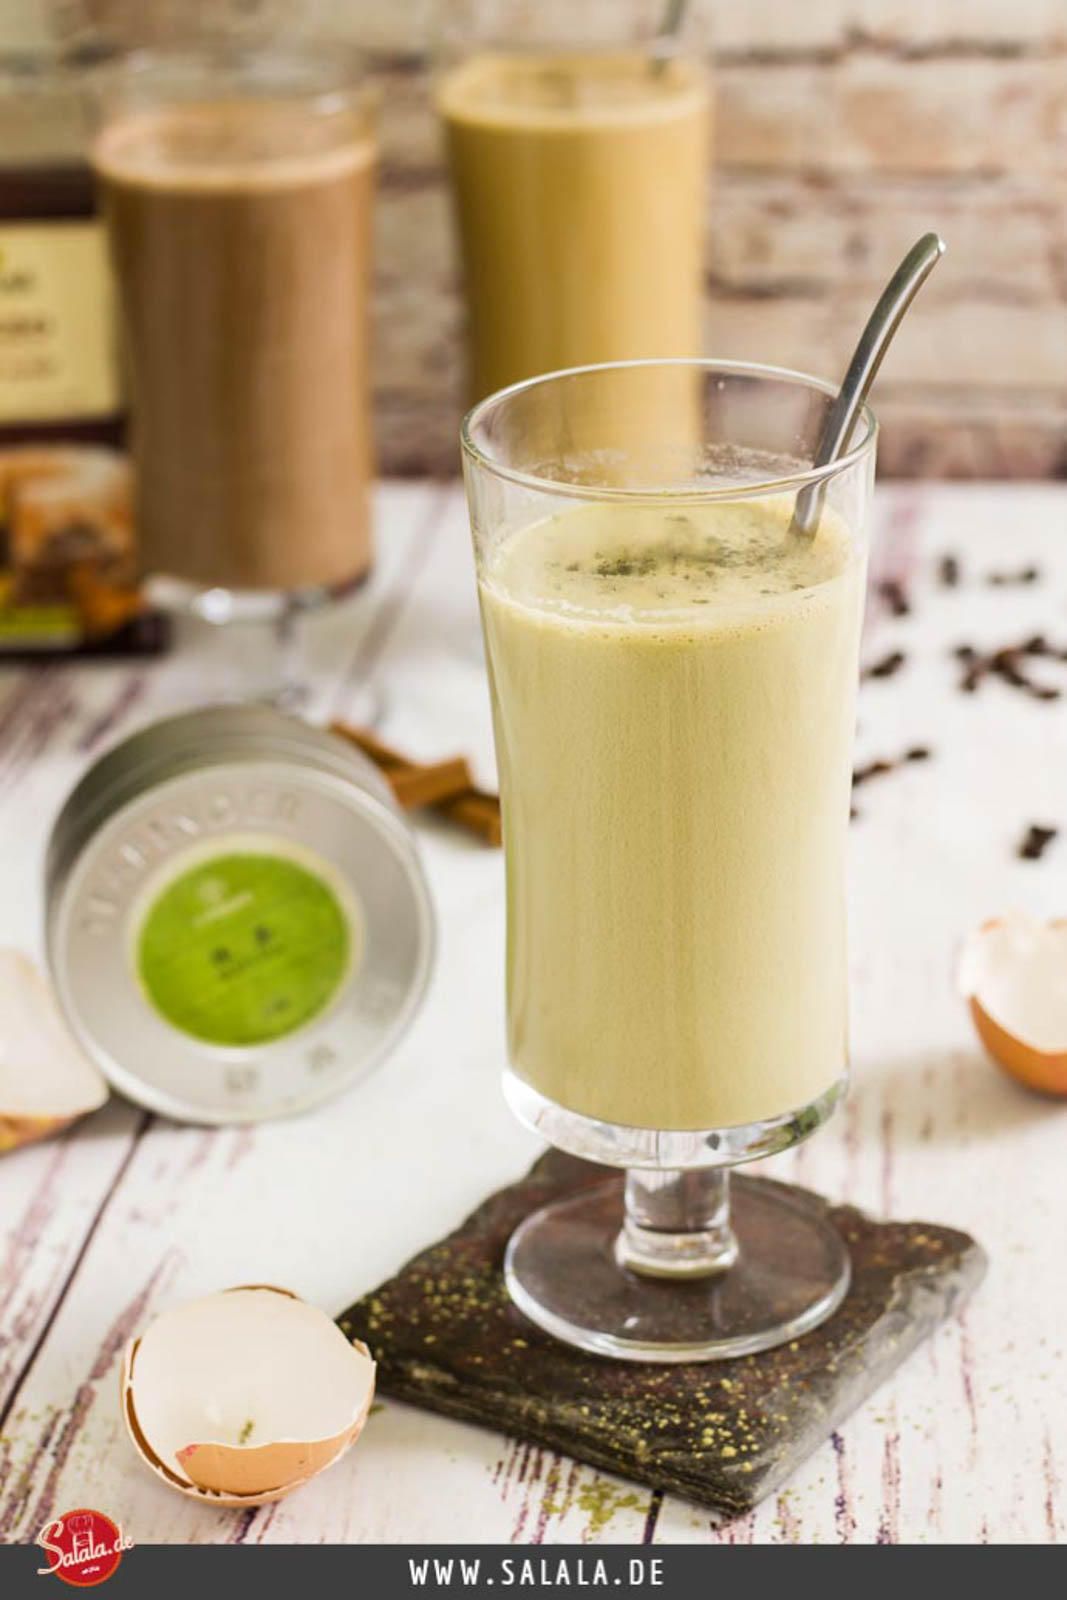 Keto Matcha Drink zum Frühstück ohne Milch und ohne Zucker #frühstück #lowcarbfrühstück #lowcarb #lowcarbrezepte #keto #ketorecipes #drinks #lowcarbgetränk #ohnezucker #sugarfree #milkfree #milchfrei